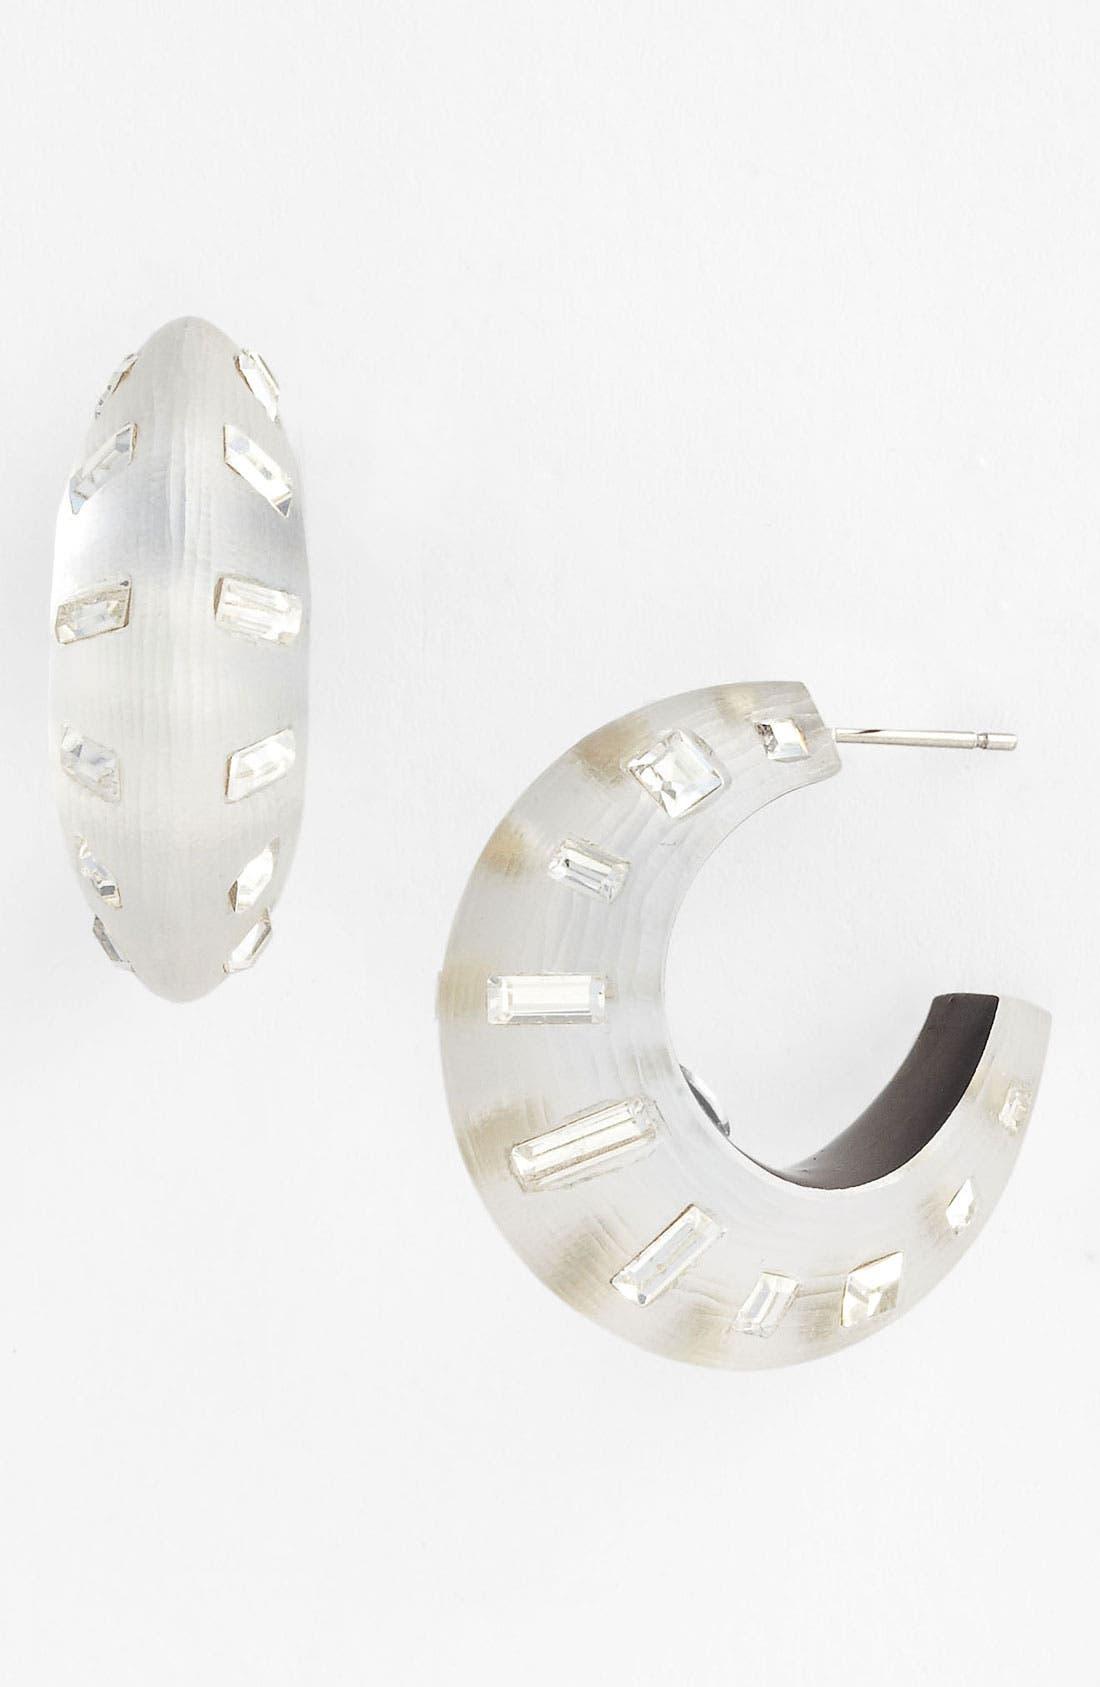 Alternate Image 1 Selected - Alexis Bittar 'Teatro Moderne - Radiant Dust' Hoop Earrings